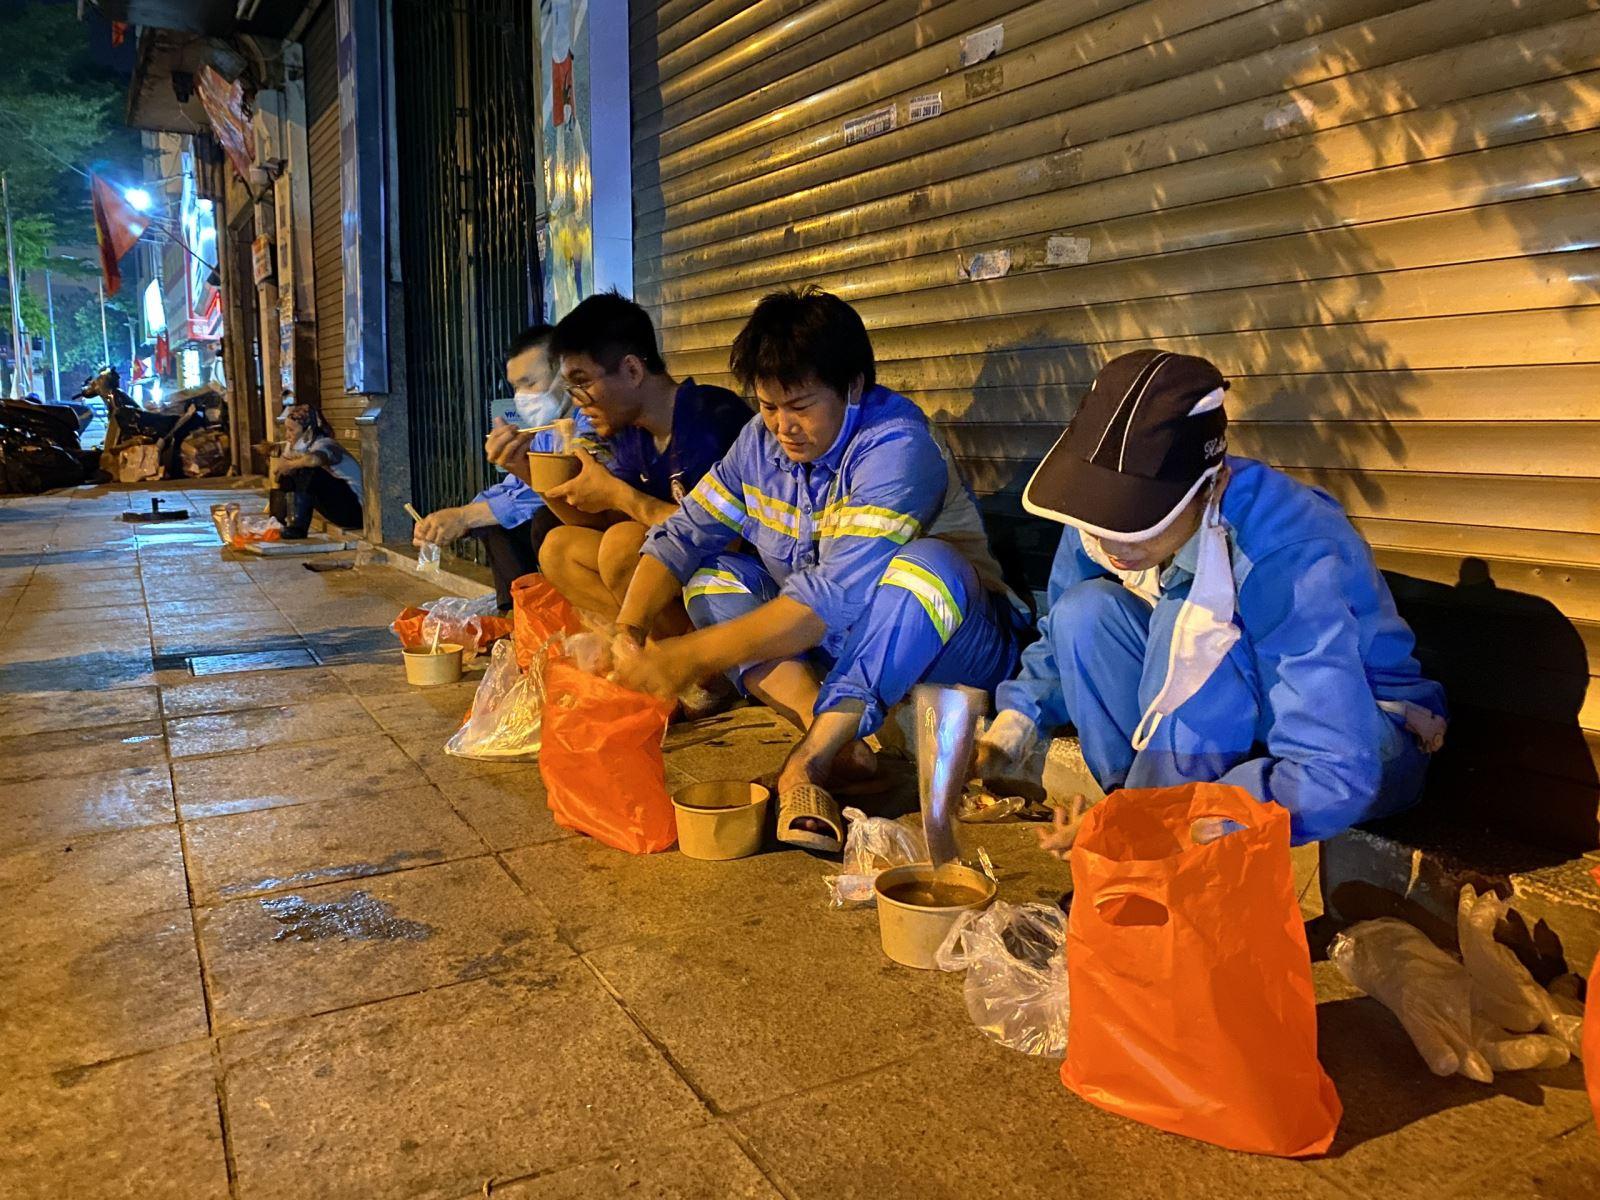 [Hình ảnh]  Sự động viên đúng lúc đã xua tan nỗi vất vả, mệt nhọc của những người công nhân đang ngày đêm làn sạch, đẹp thành phố.  Những bát phở ấm tình người đã được trao cho các công nhân môi trường một cách đầy trân trọng.